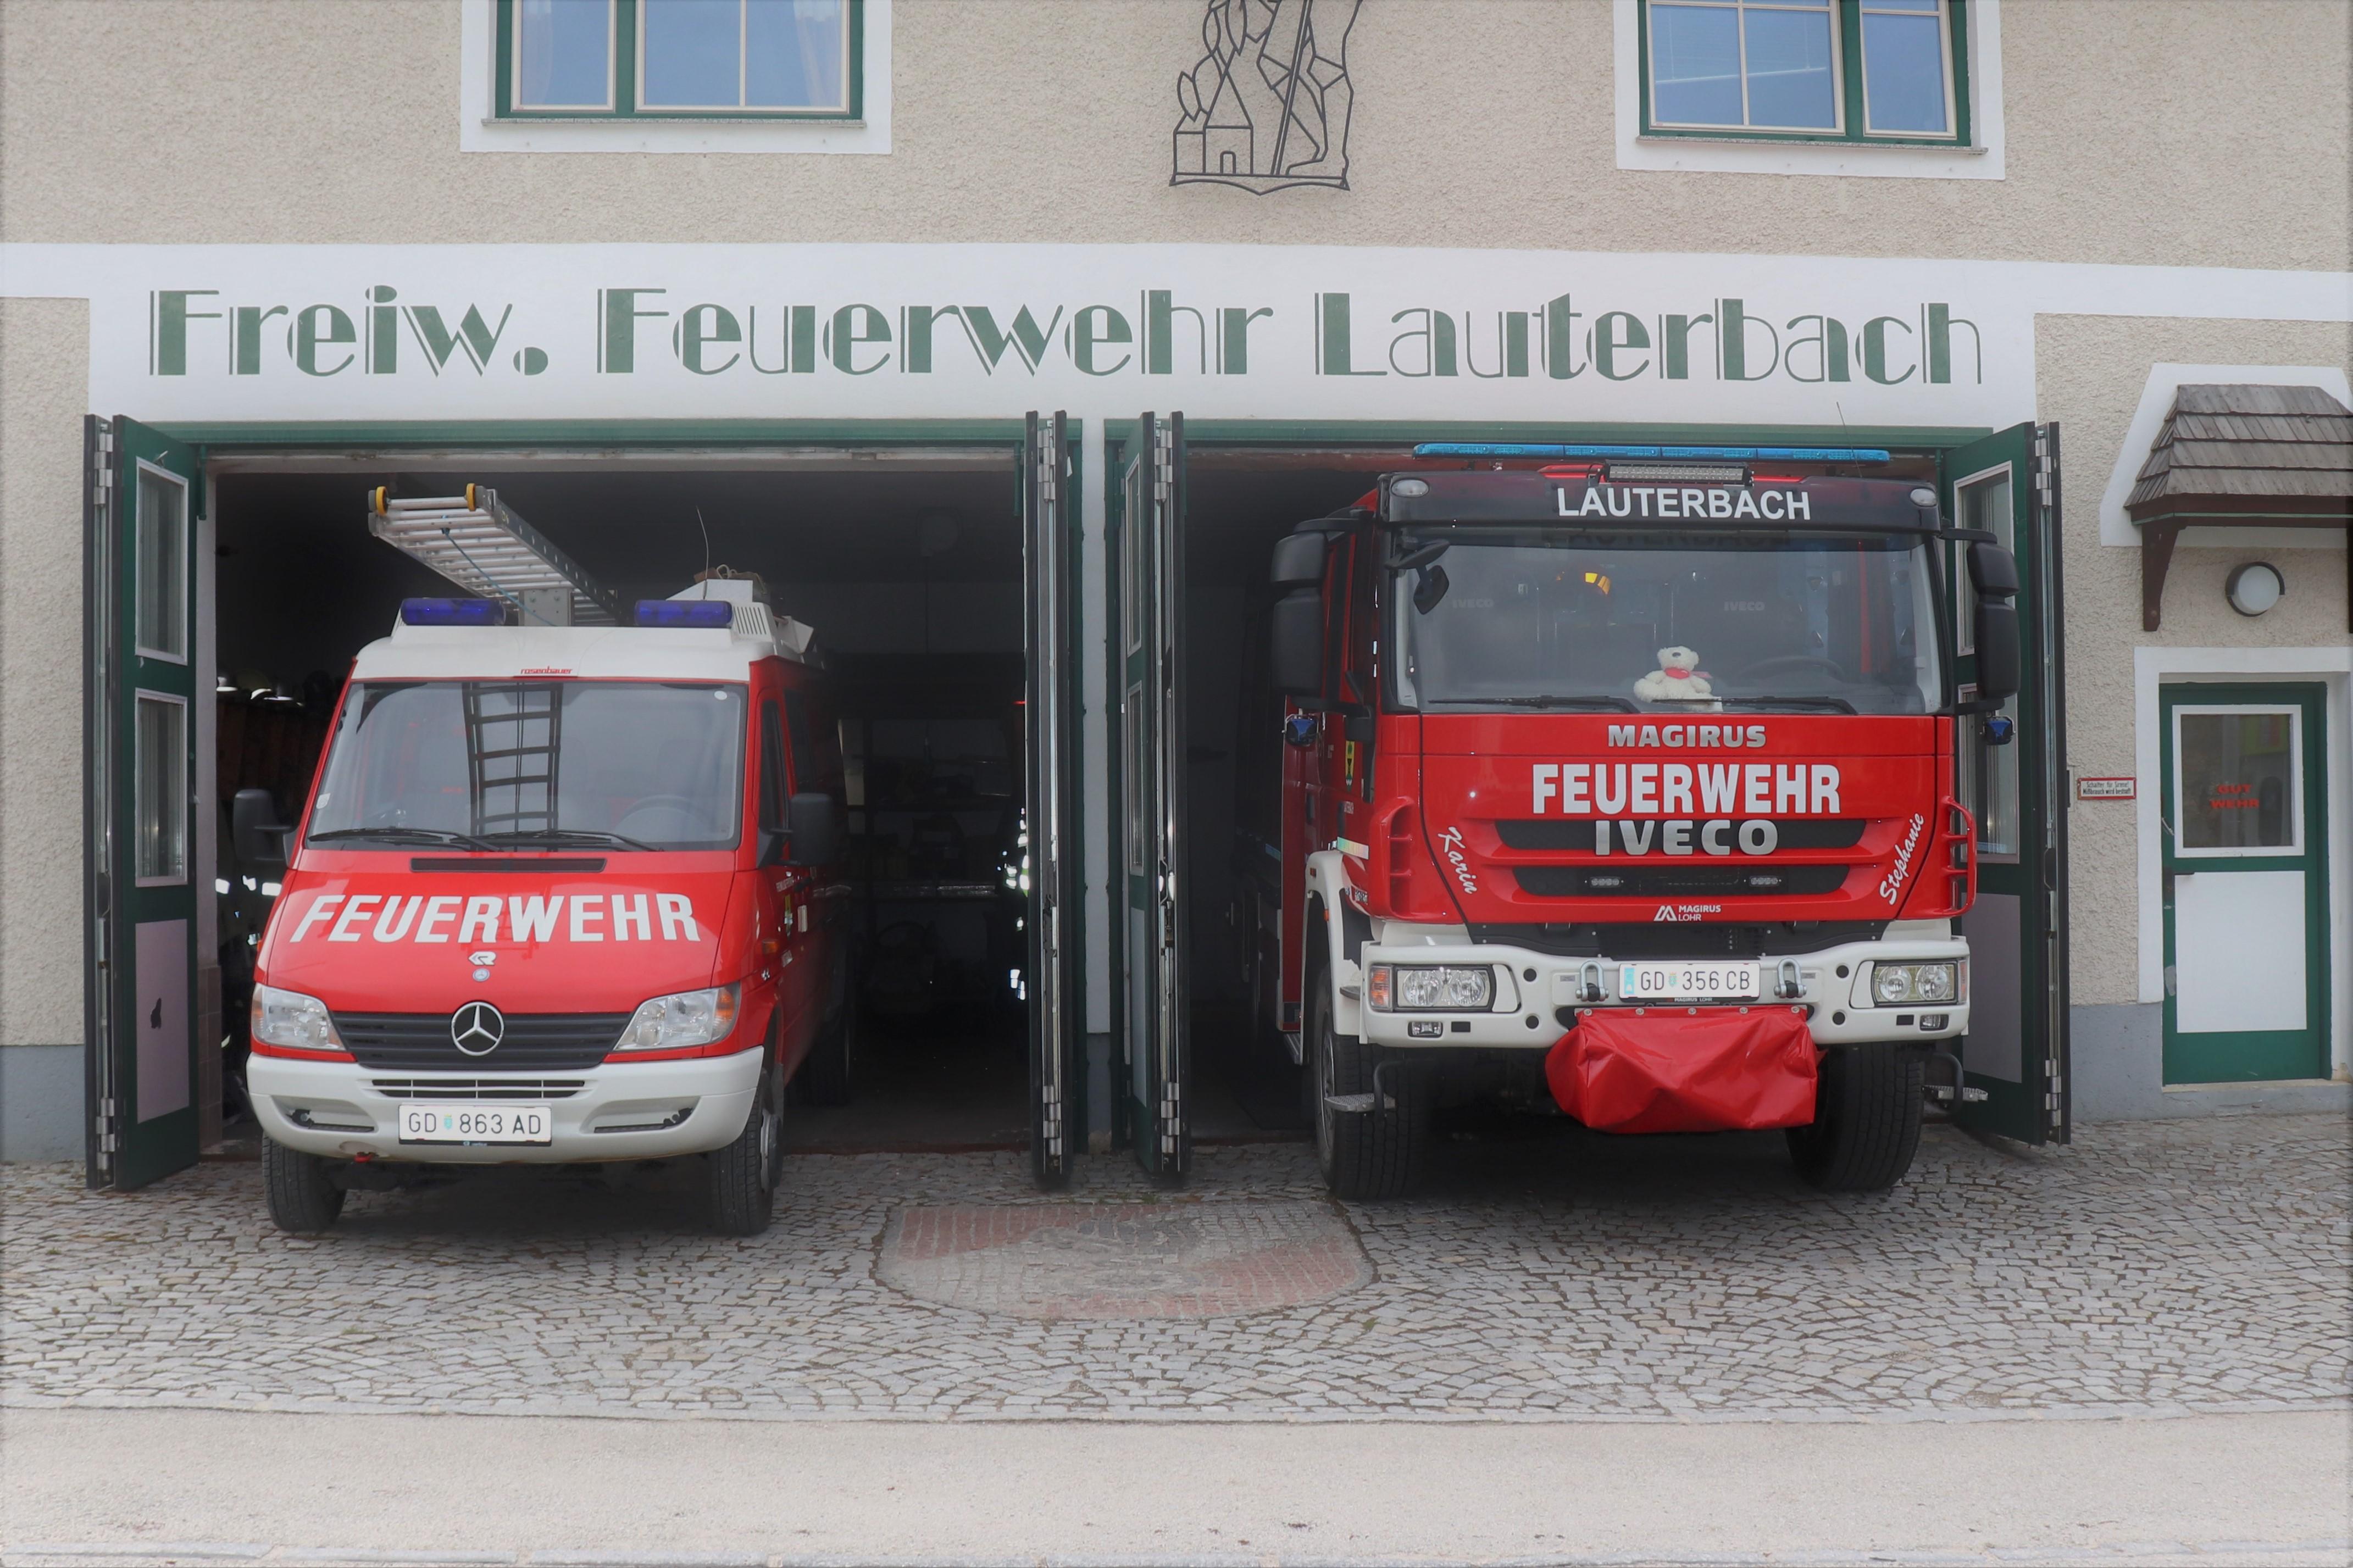 FF Lauterbach